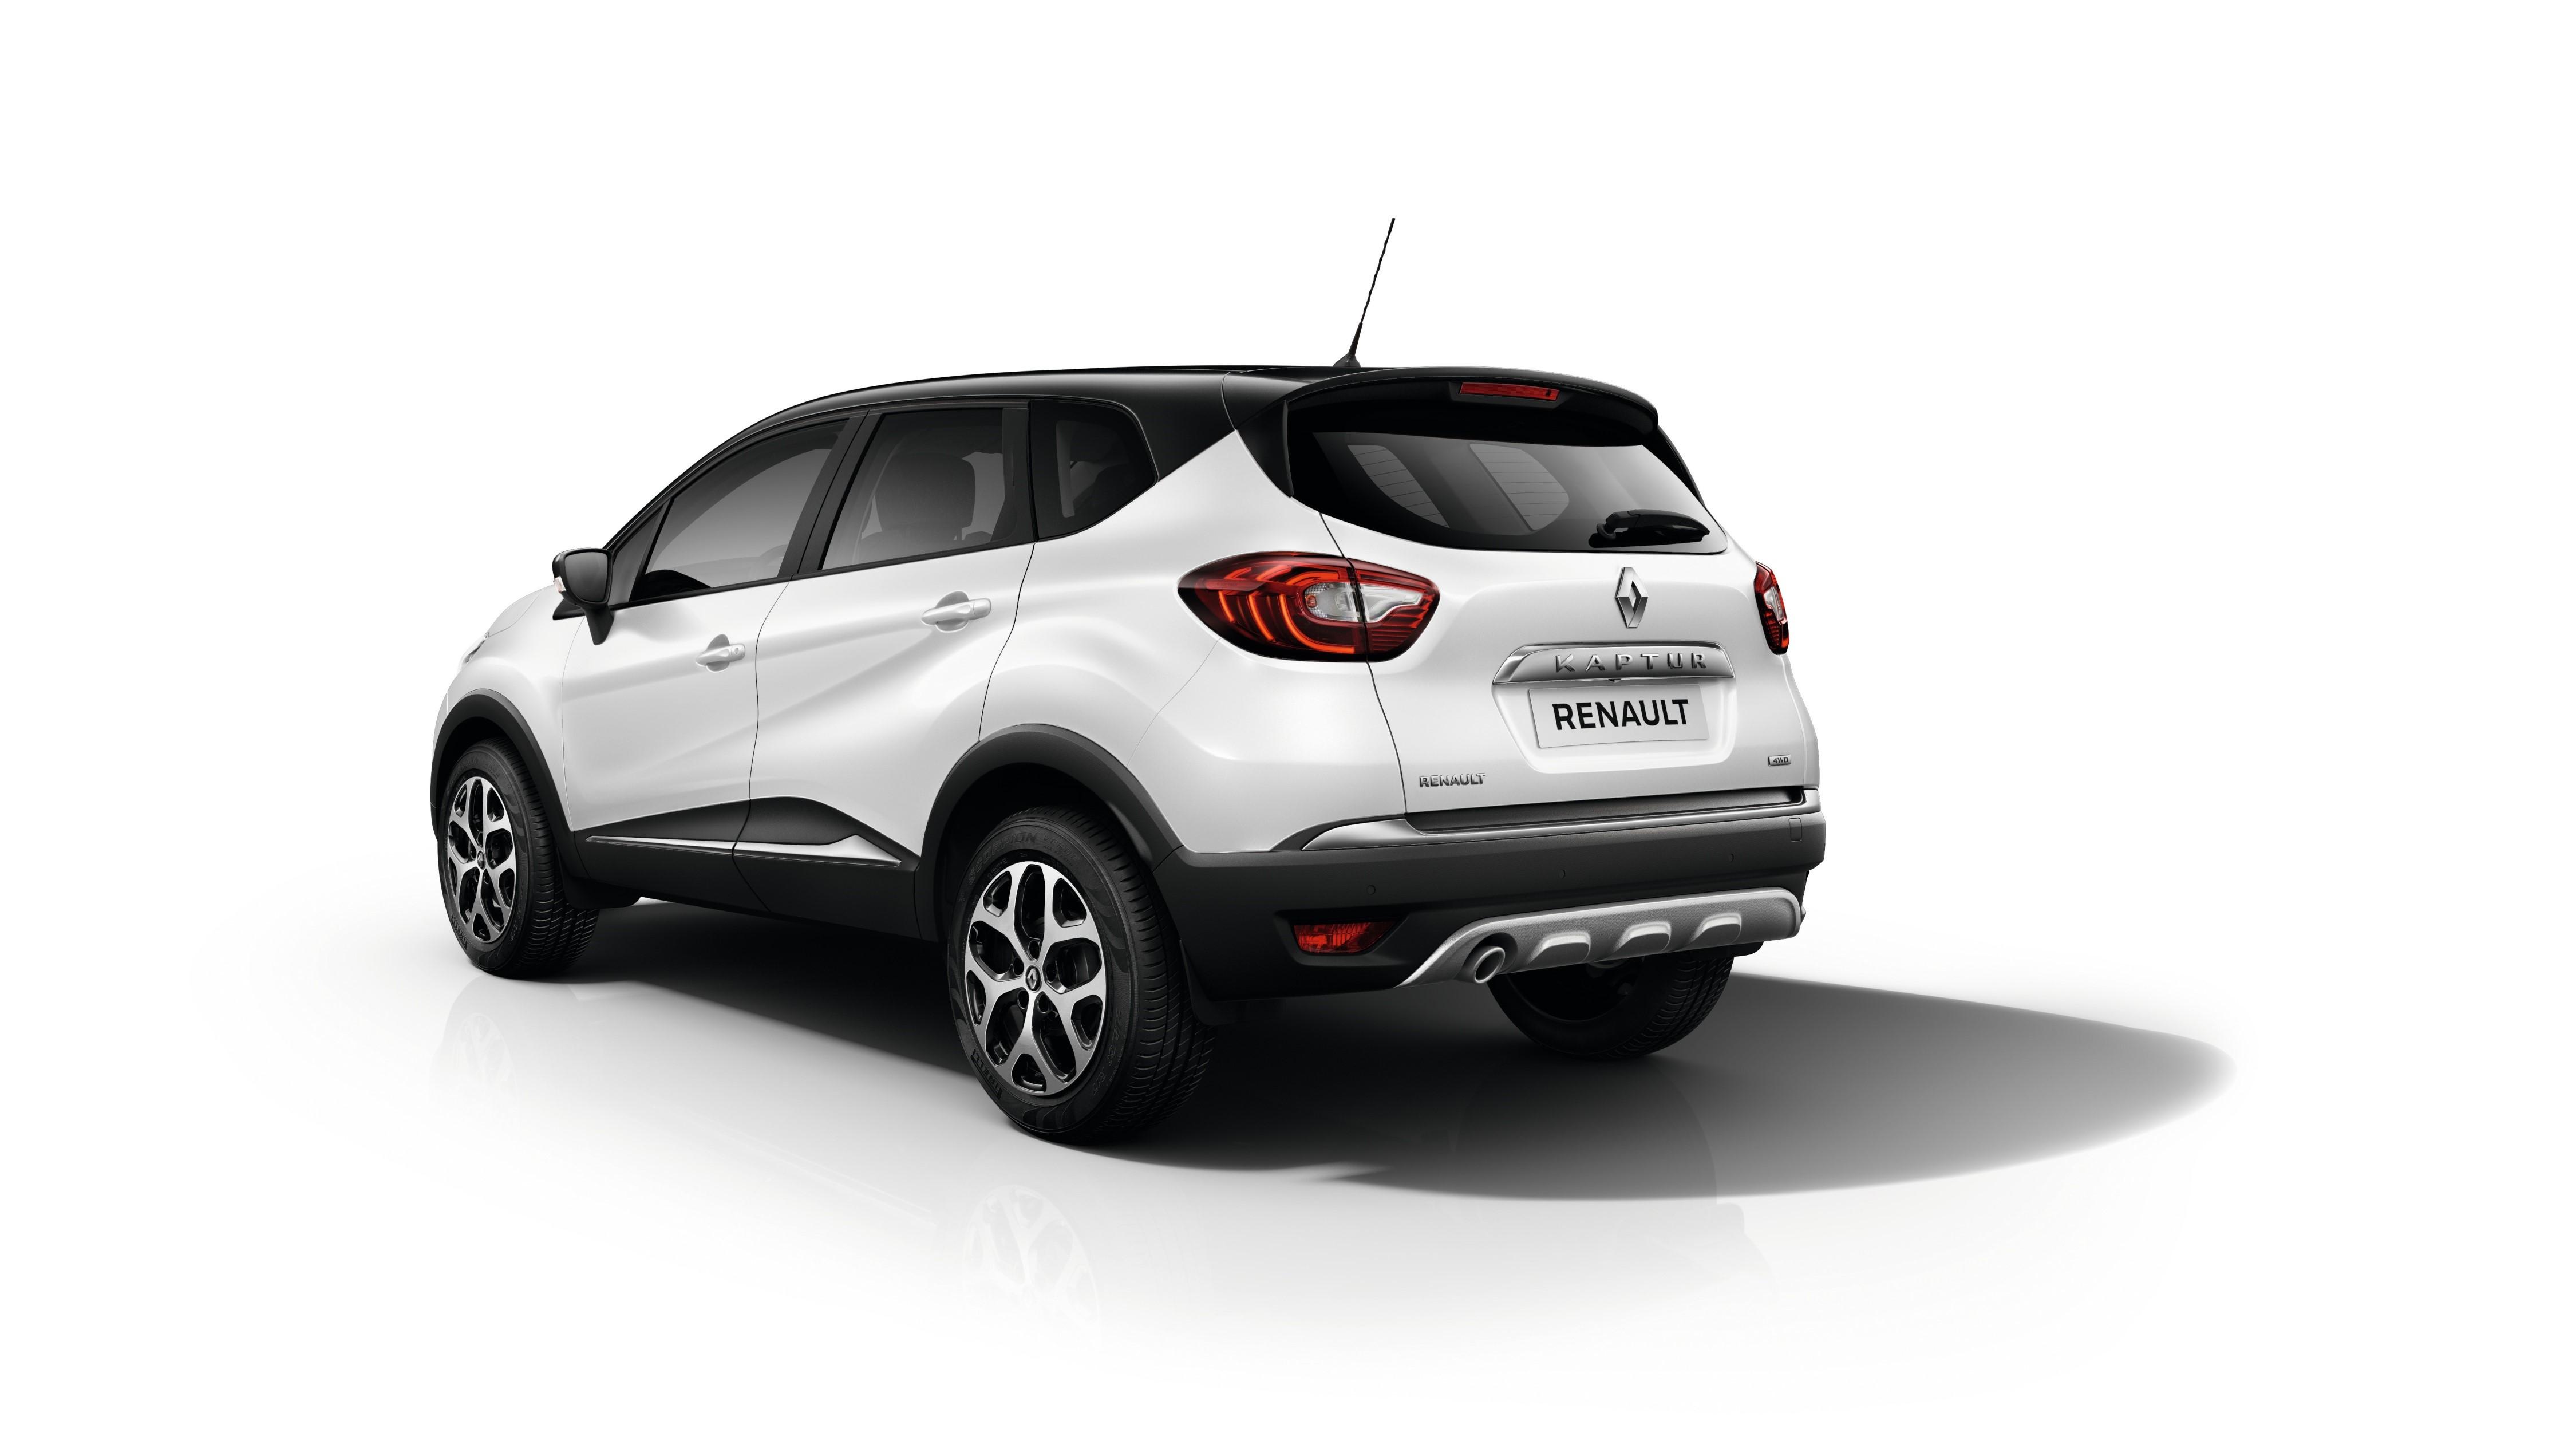 Renault_76588_global_en